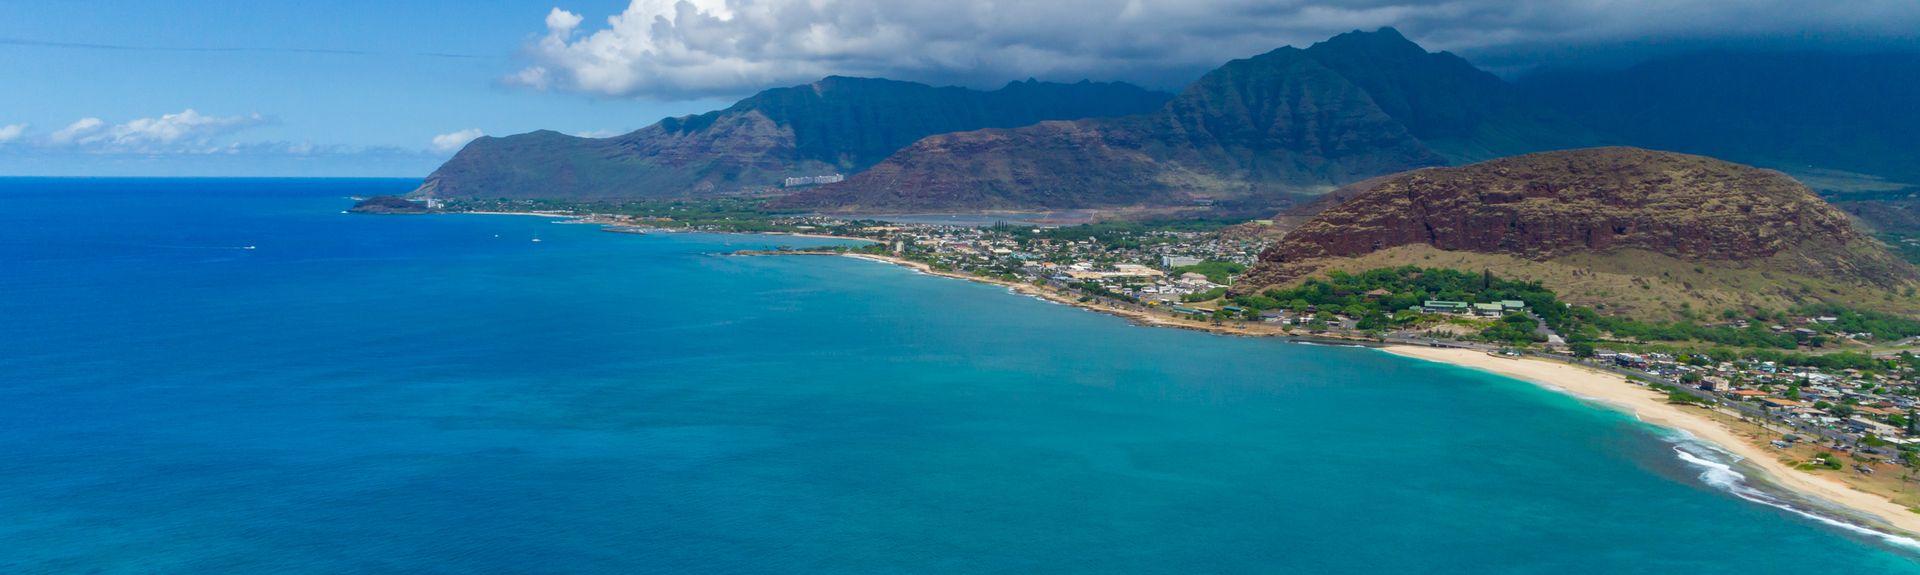 Ewa Beach, Hawaii, United States of America